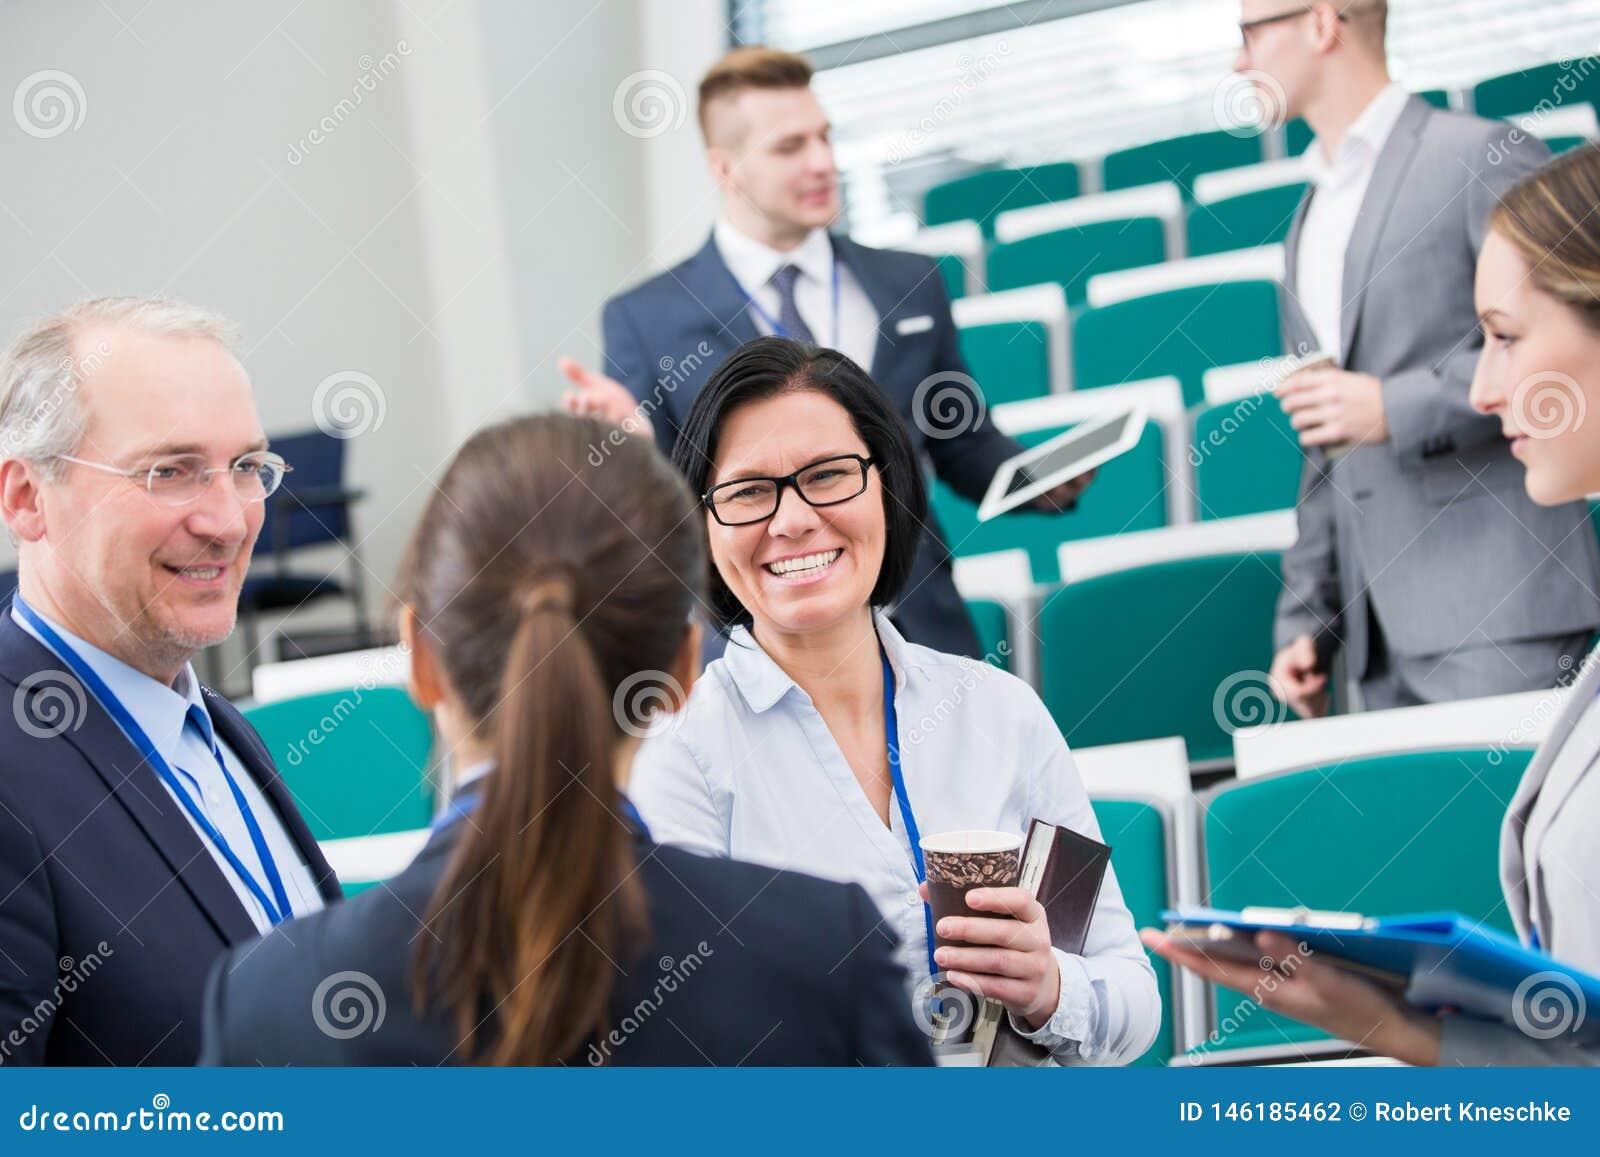 Επιχειρηματίας που χαμογελά επικοινωνώντας με τους συναδέλφους